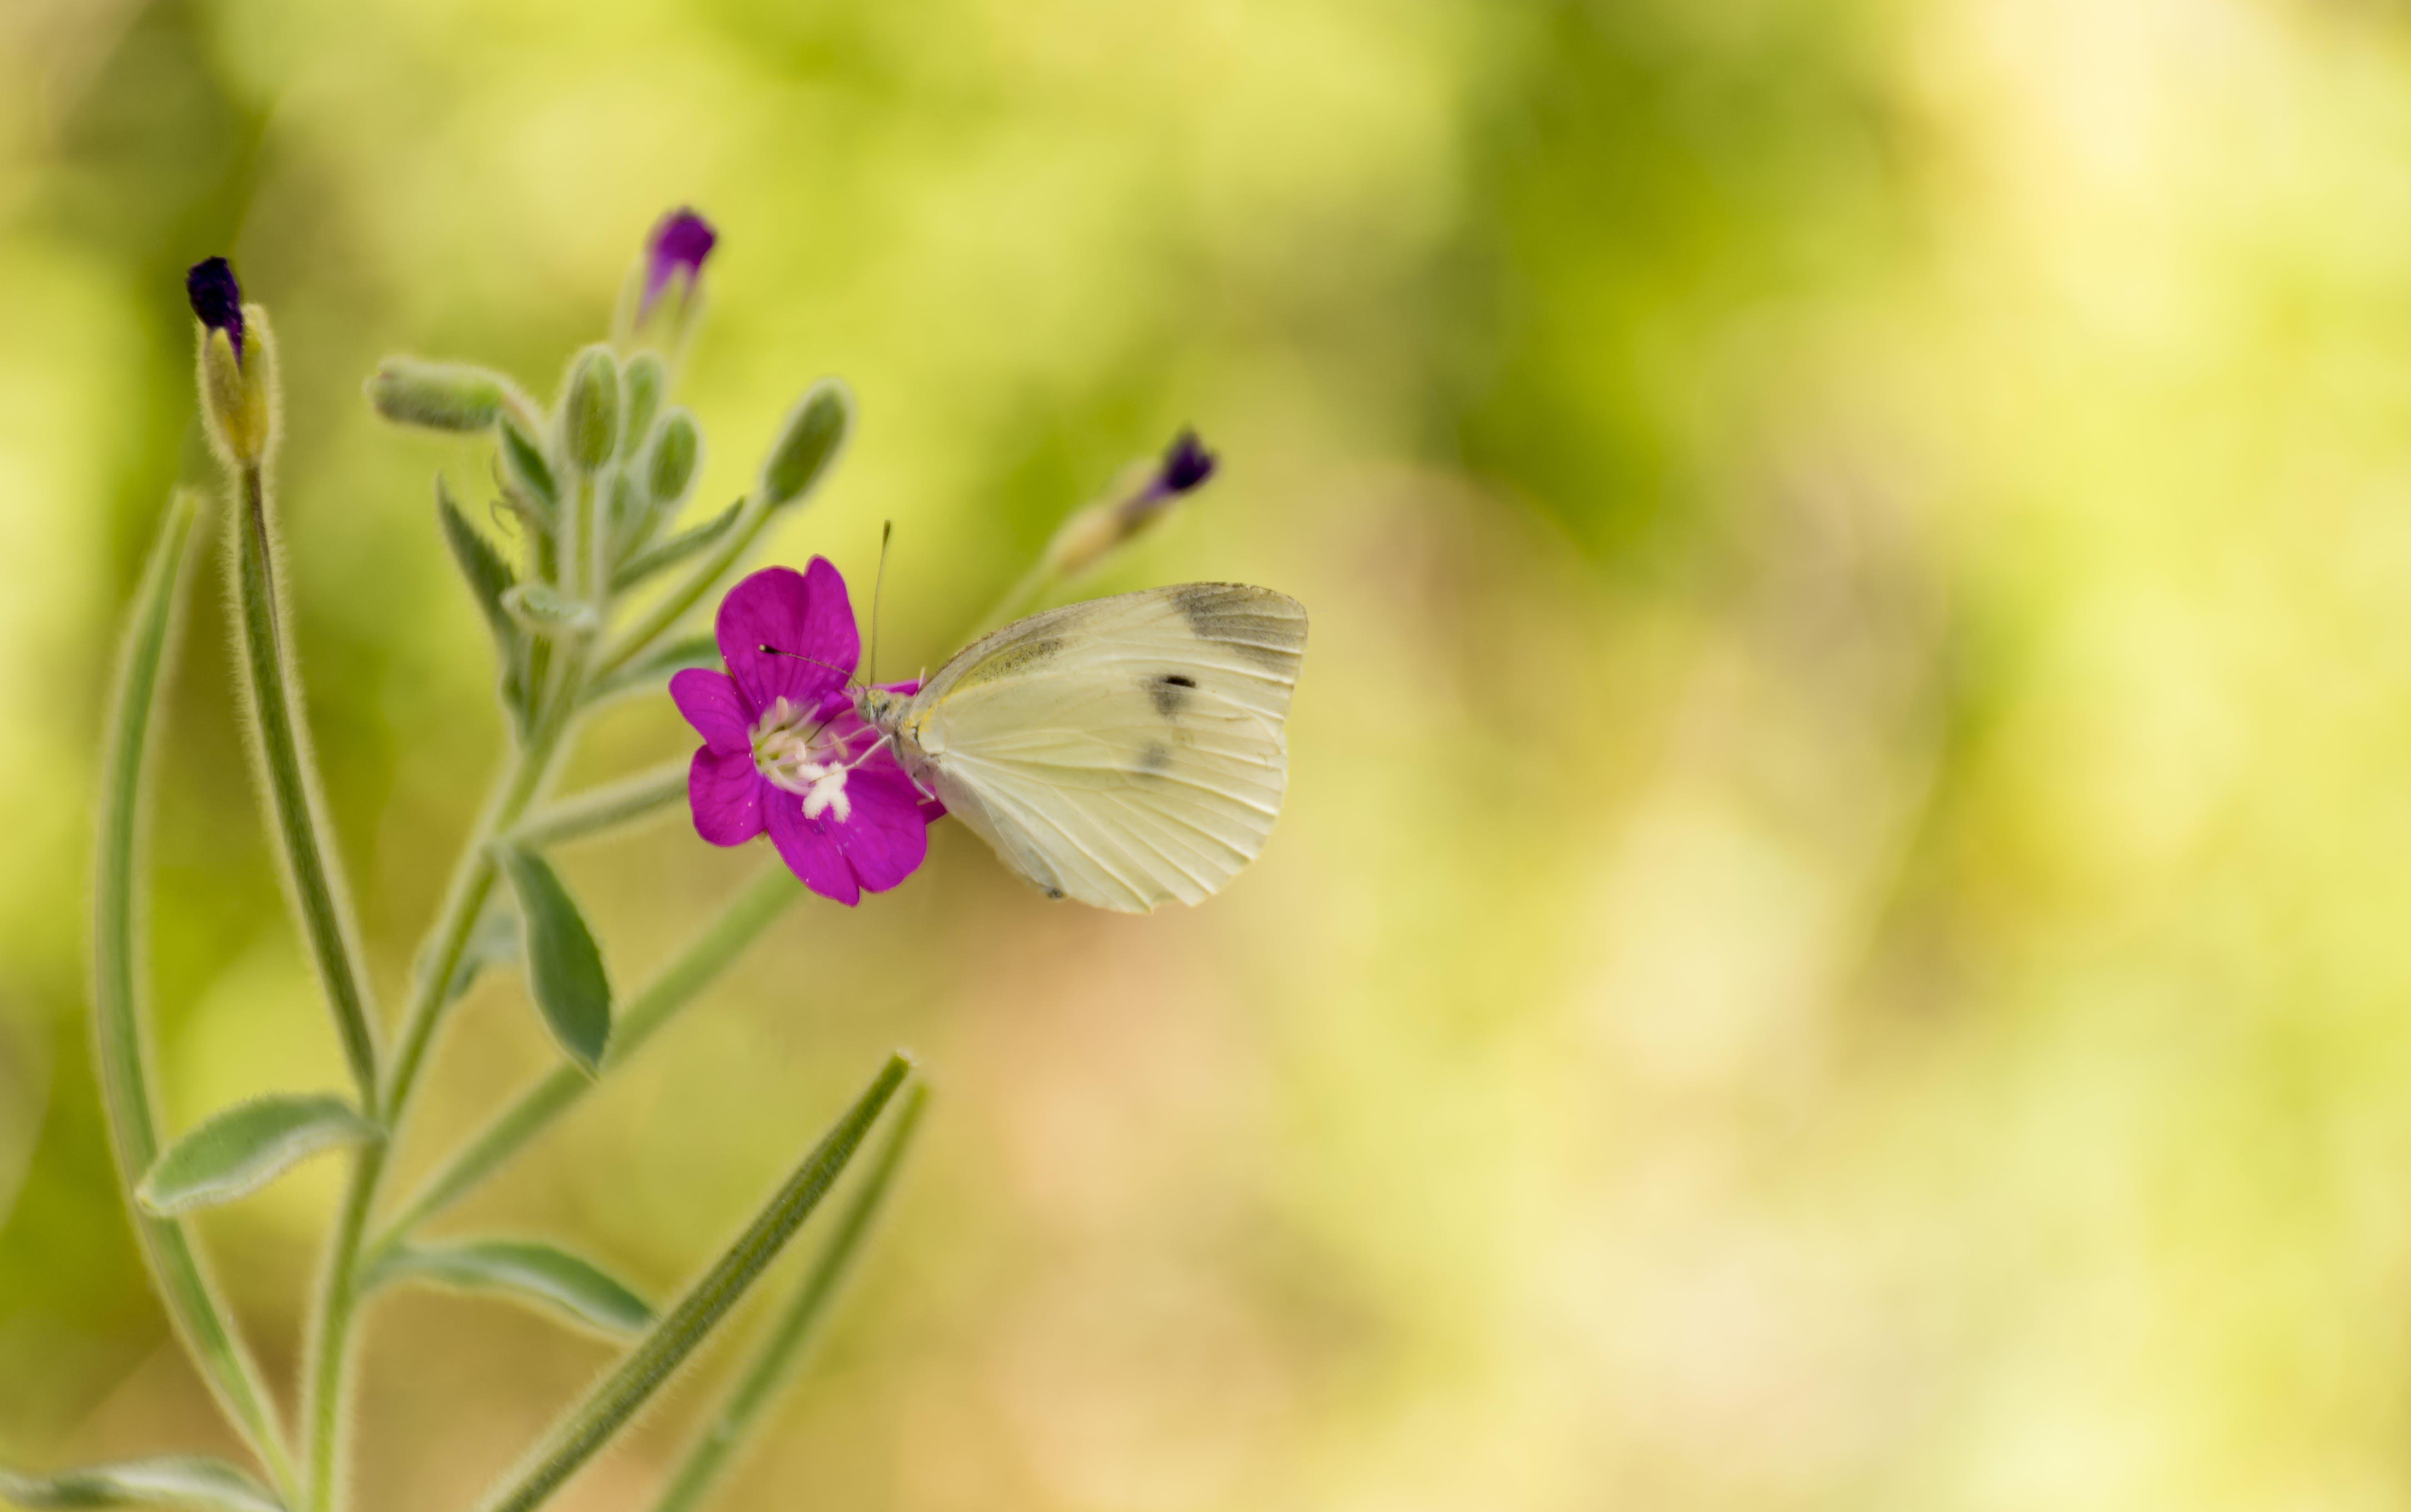 곤충, 꽃잎, 나비, 매크로의 무료 스톡 사진